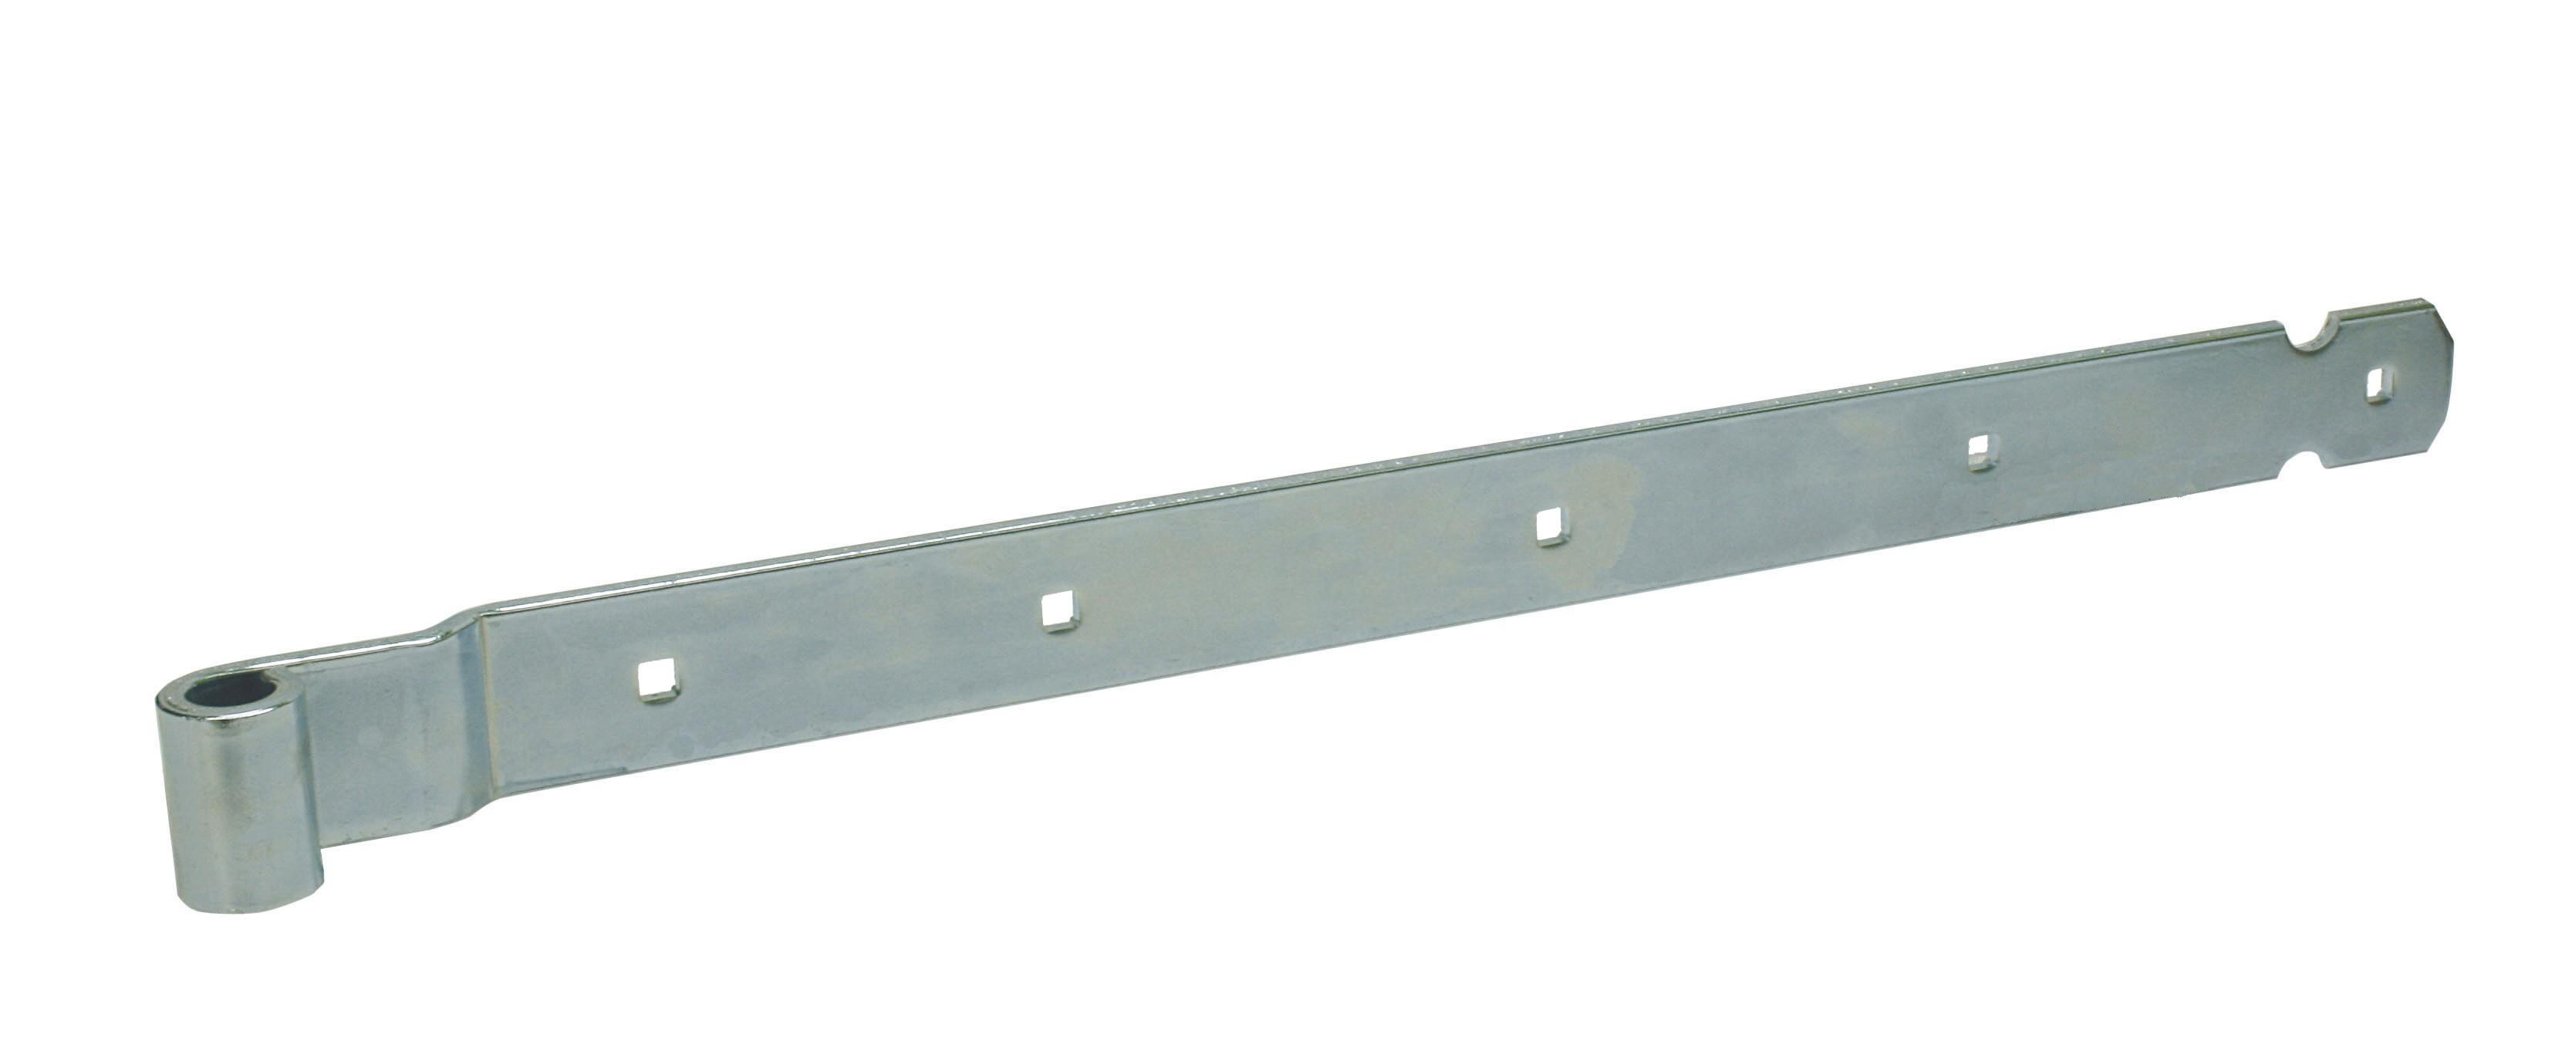 Penture coudée (utilisation plat) à trous carrés pour penne Ø 16 600 45x6 EV